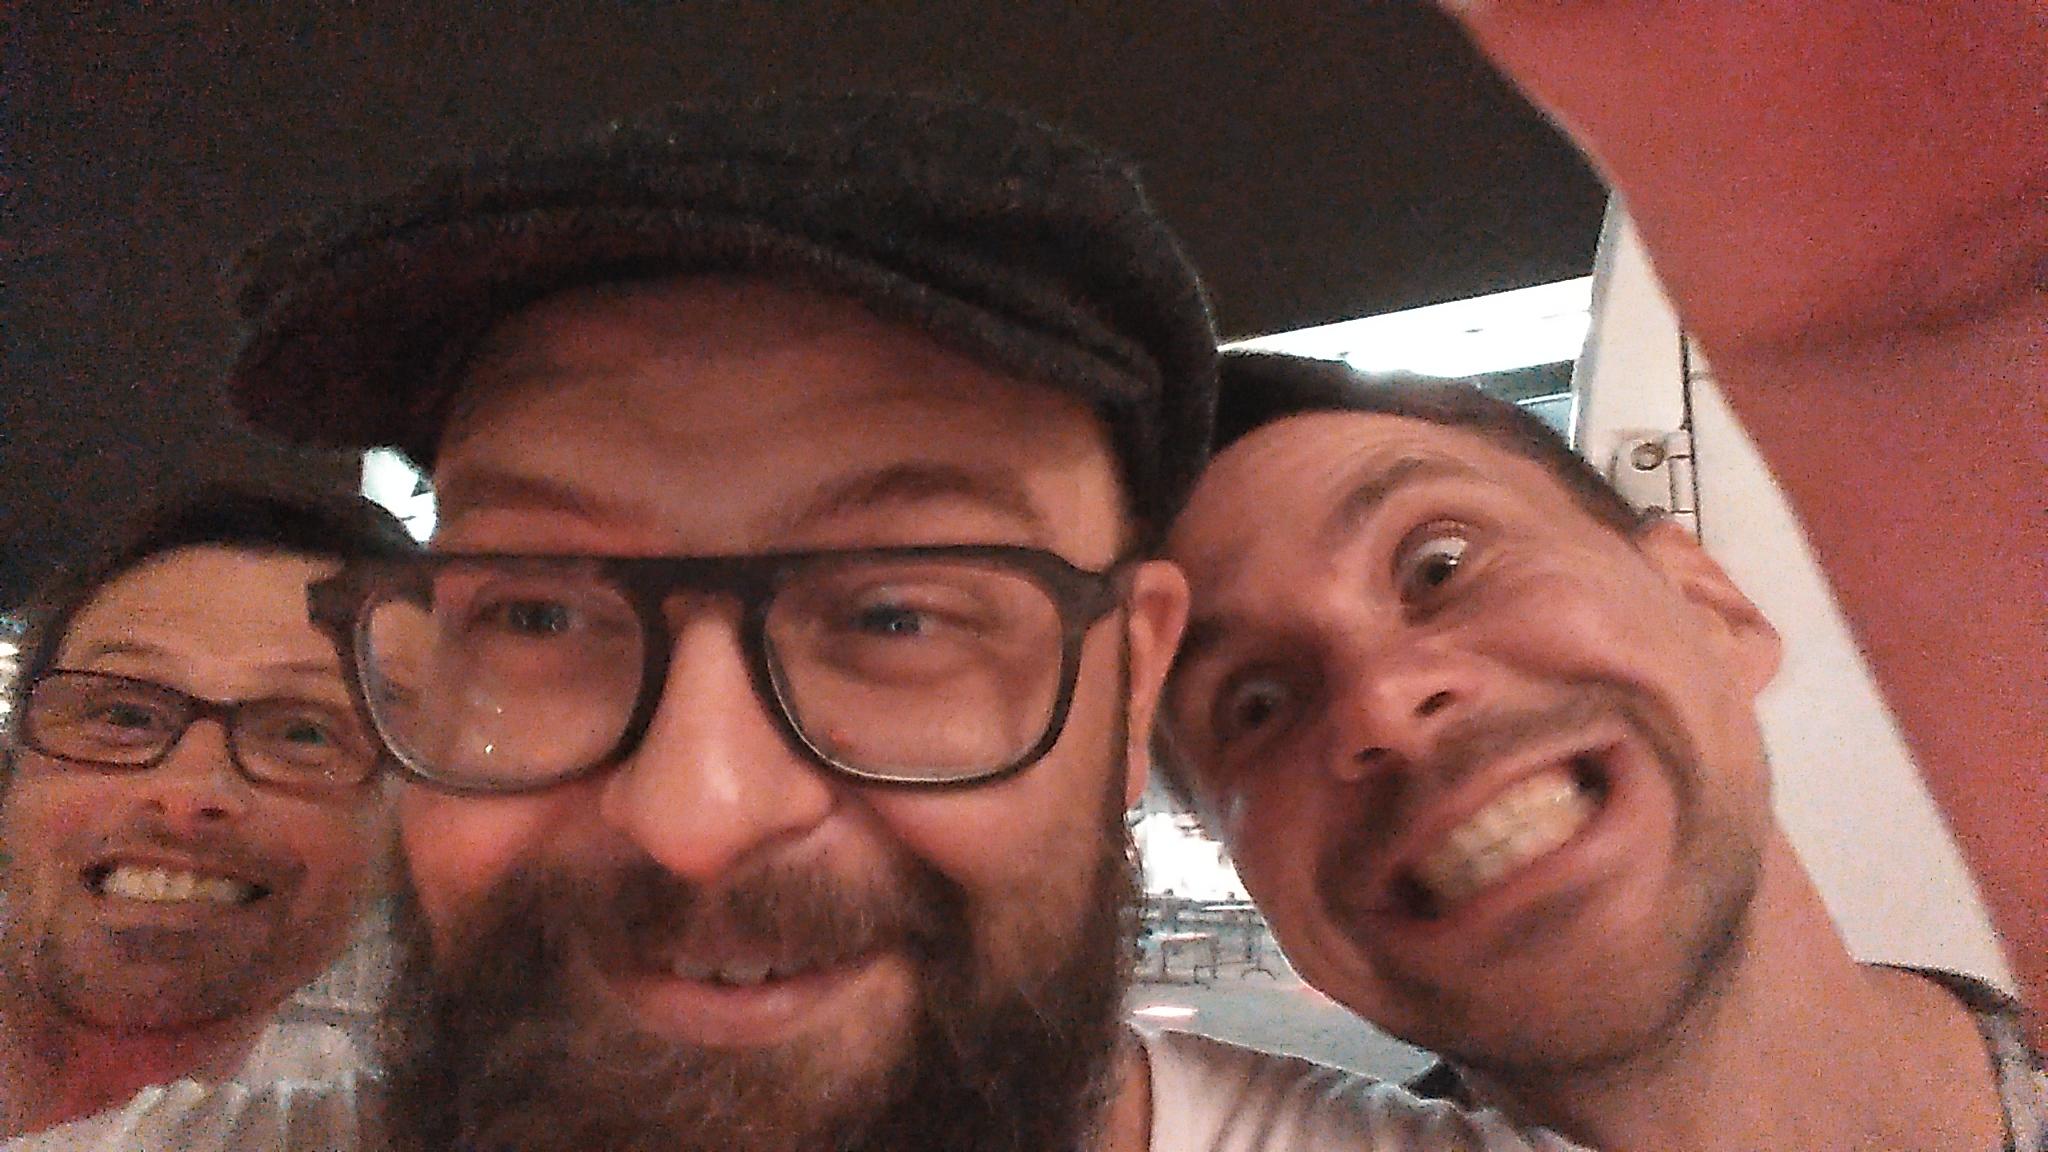 Dawid Korbaczyński zrobił sobie selfie moim telefonem.